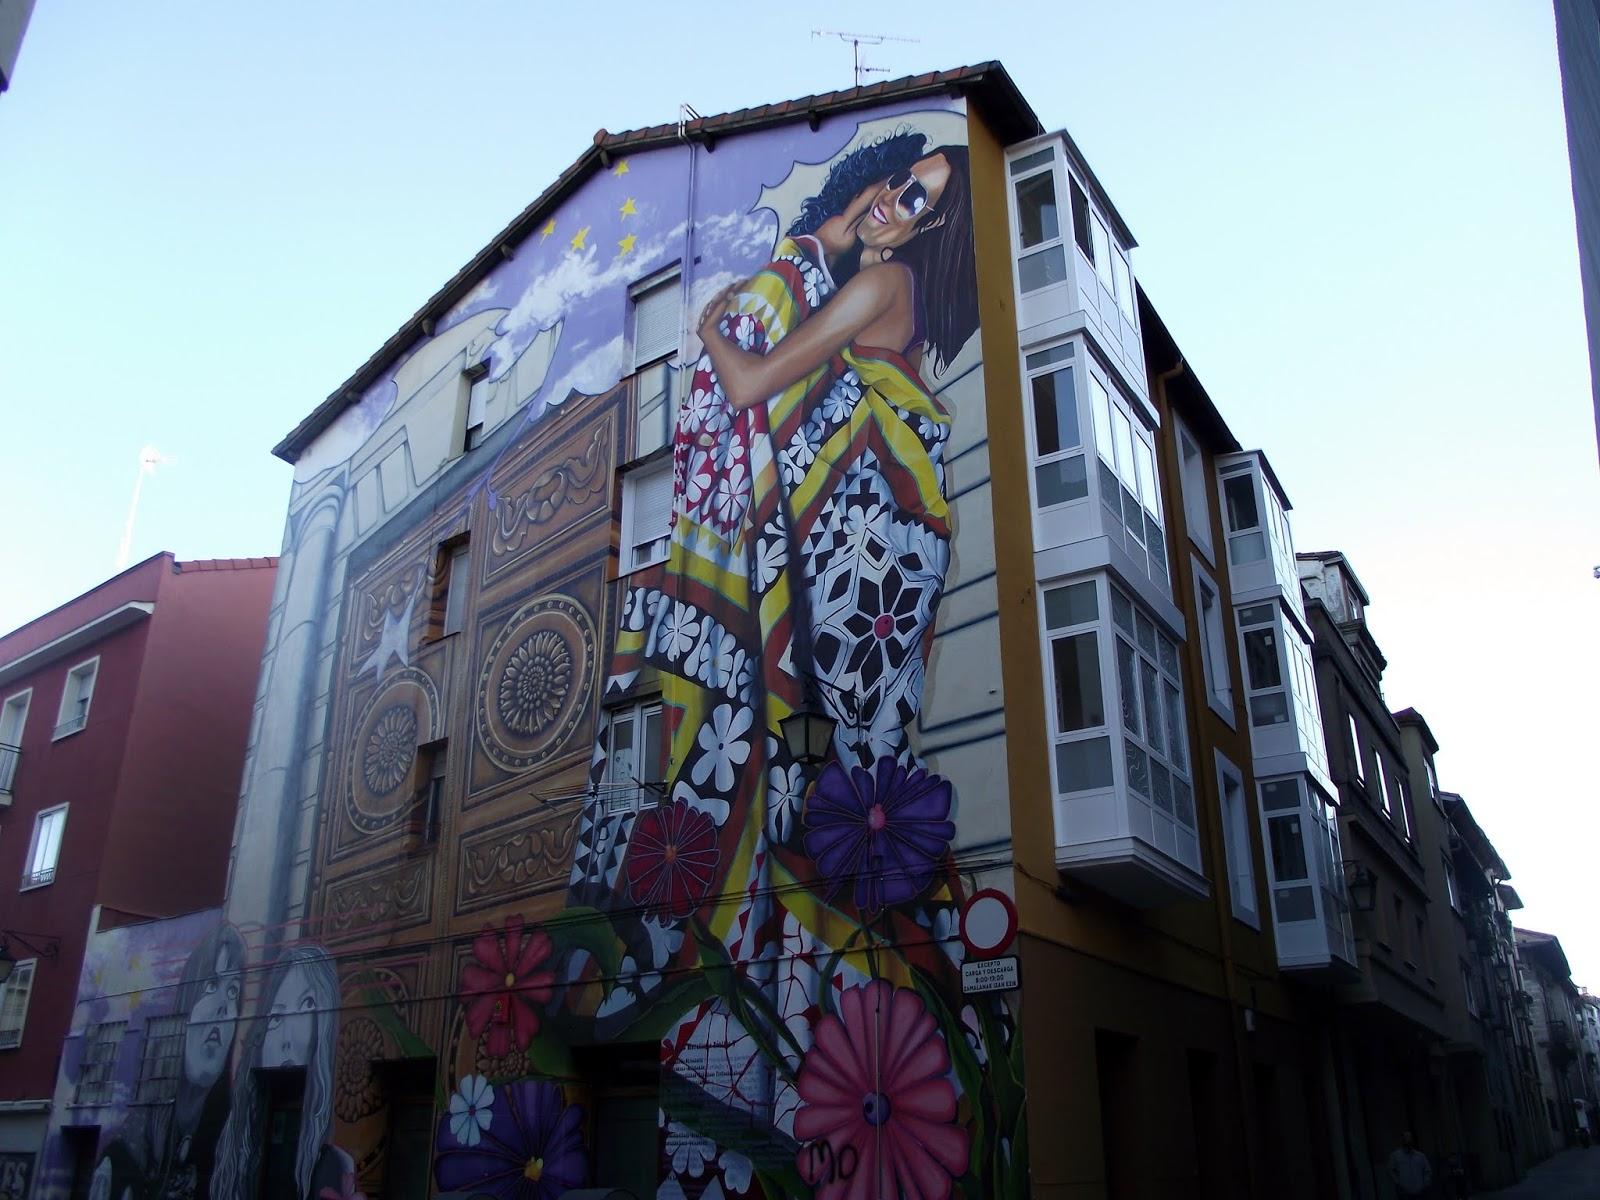 Arte en los murales de vitoria gasteiz